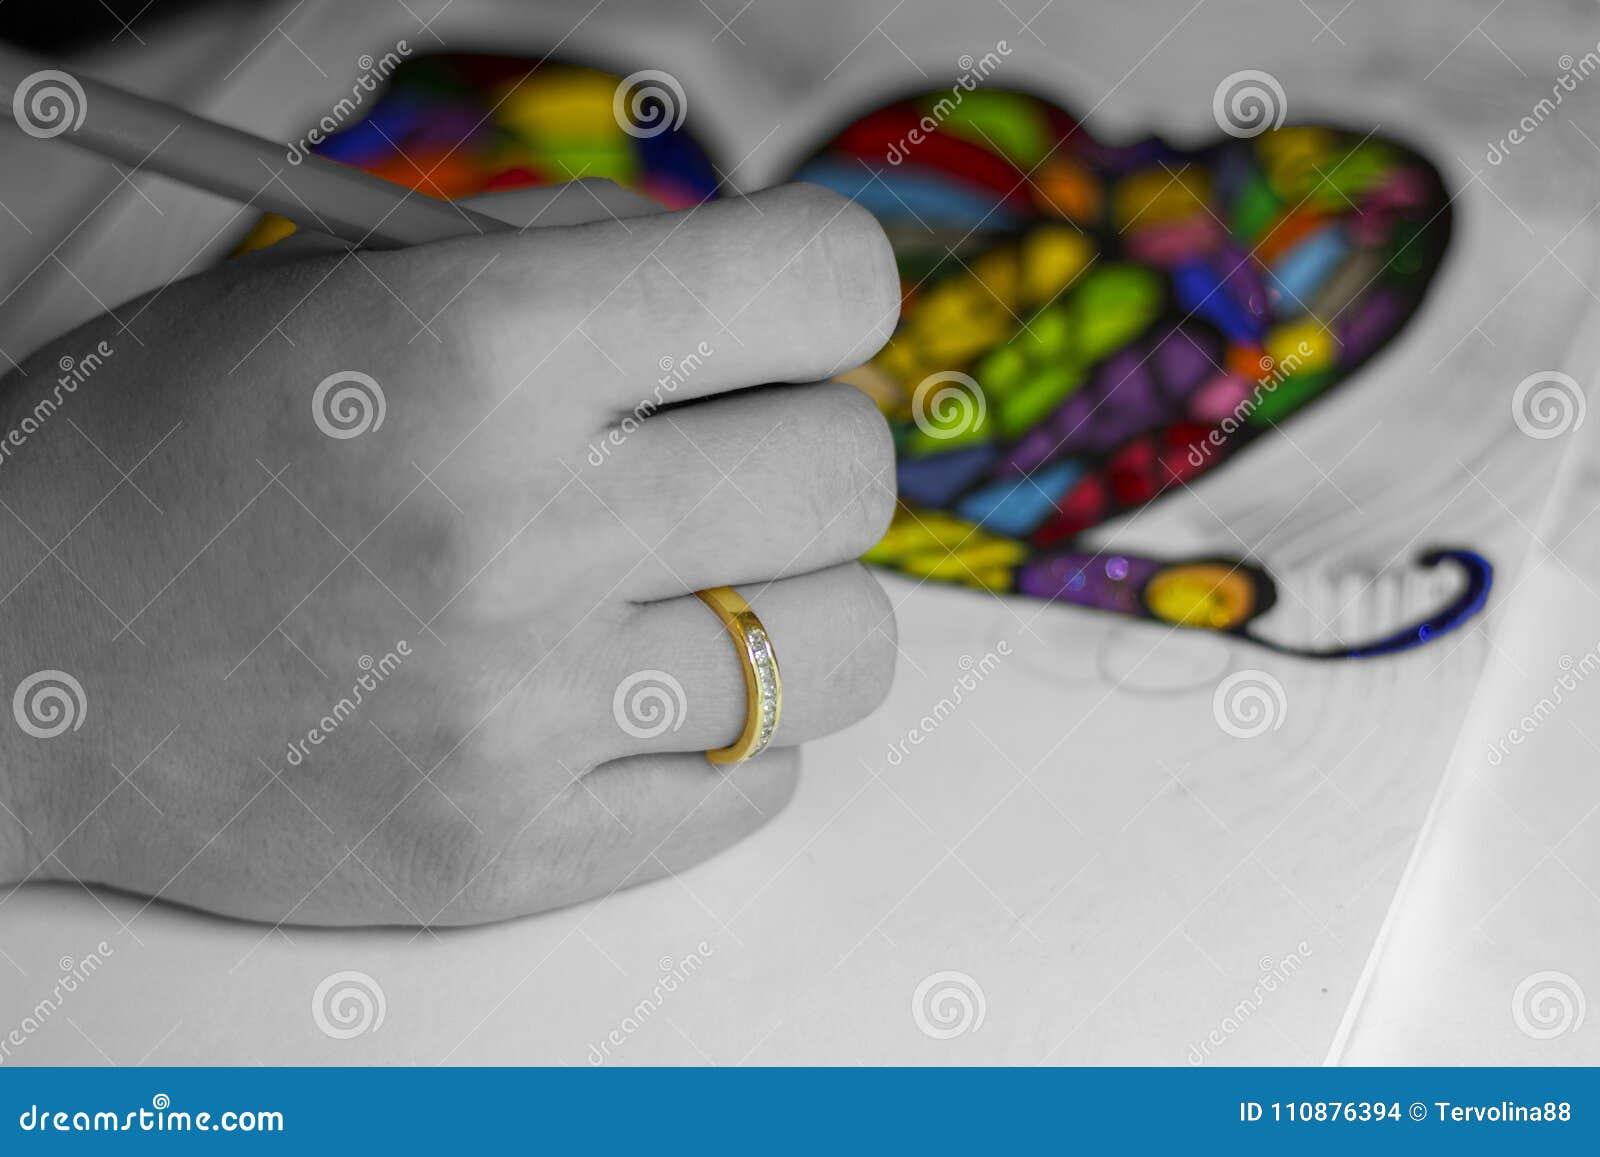 画一只五颜六色的彩虹蝴蝶的手